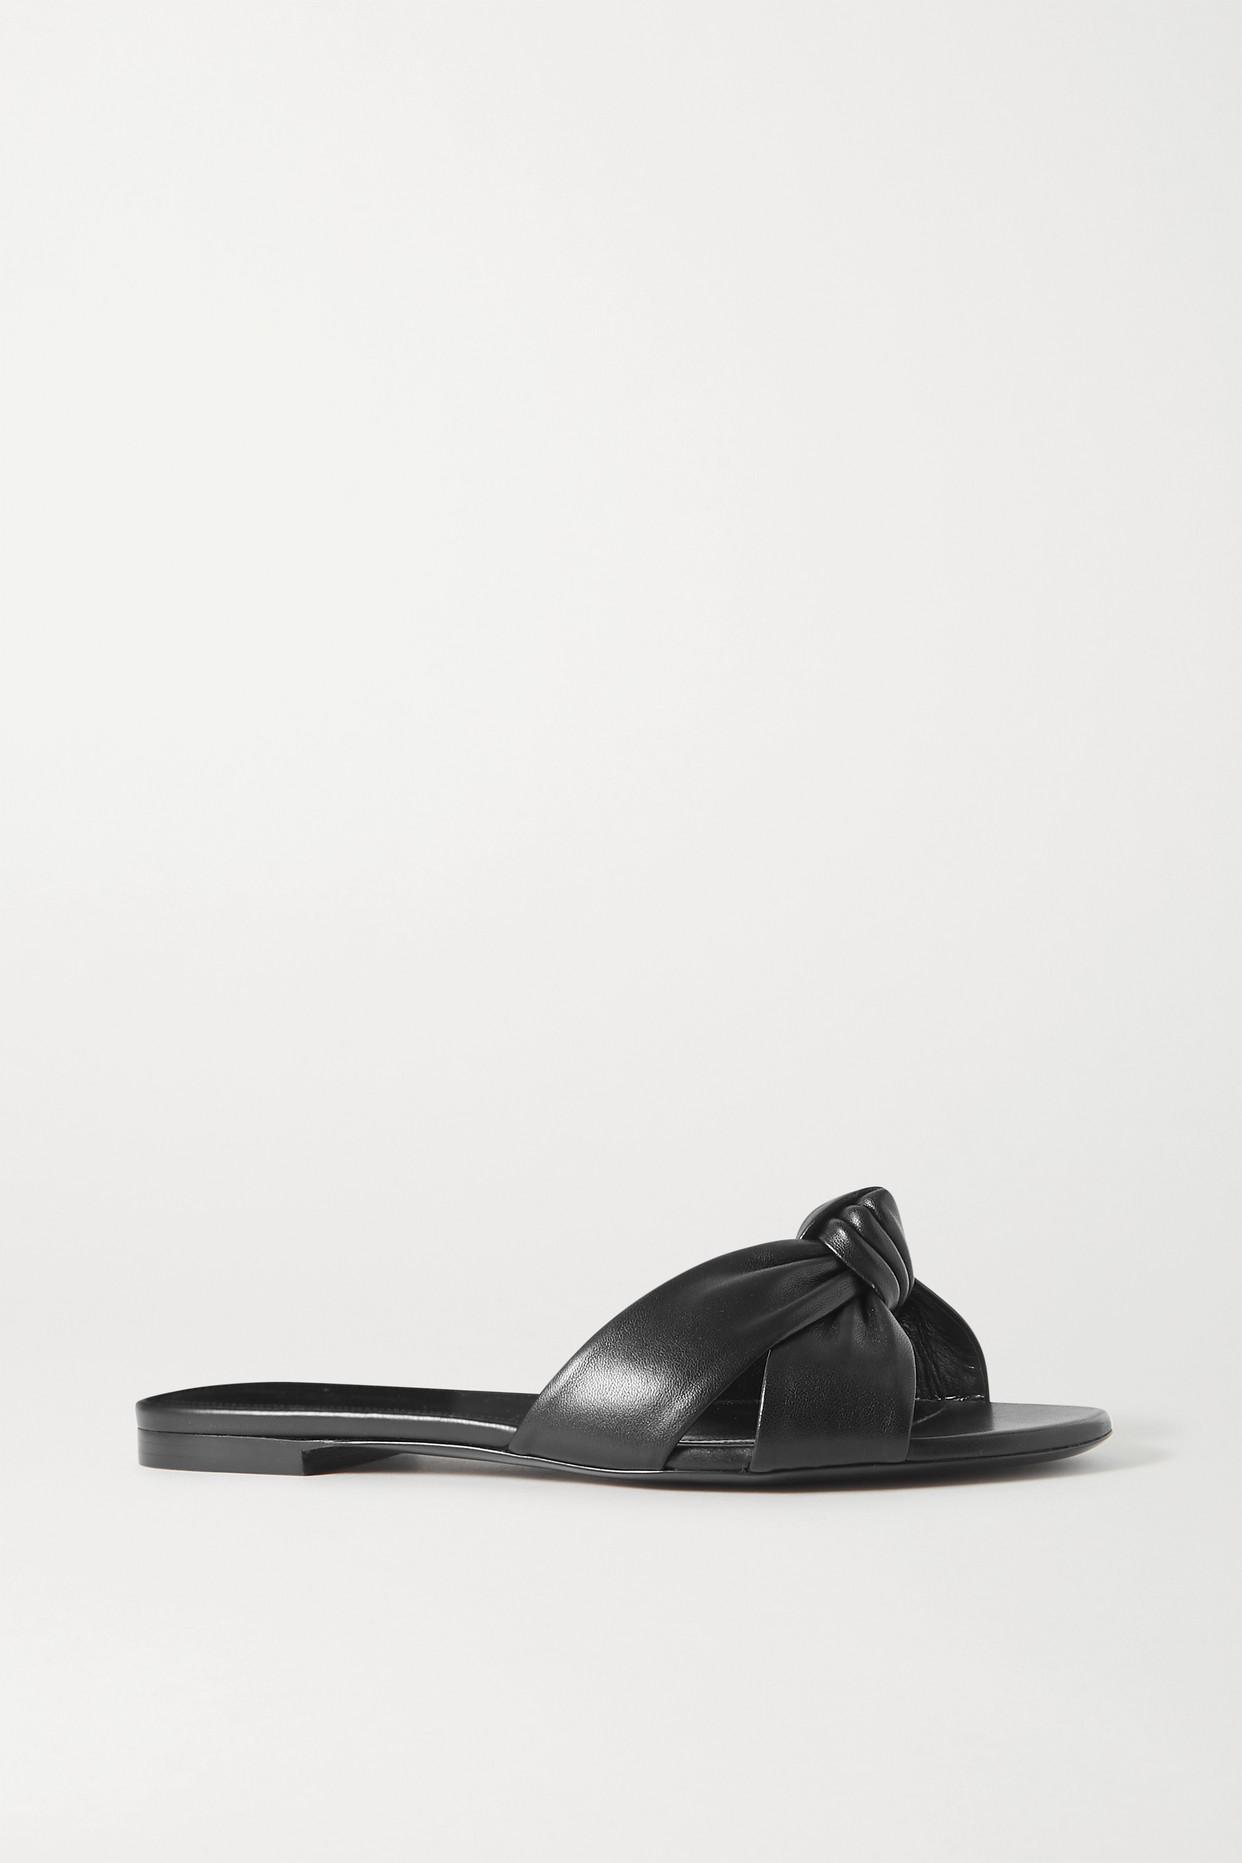 SAINT LAURENT - Power Knotted Leather Slides - Black - IT40